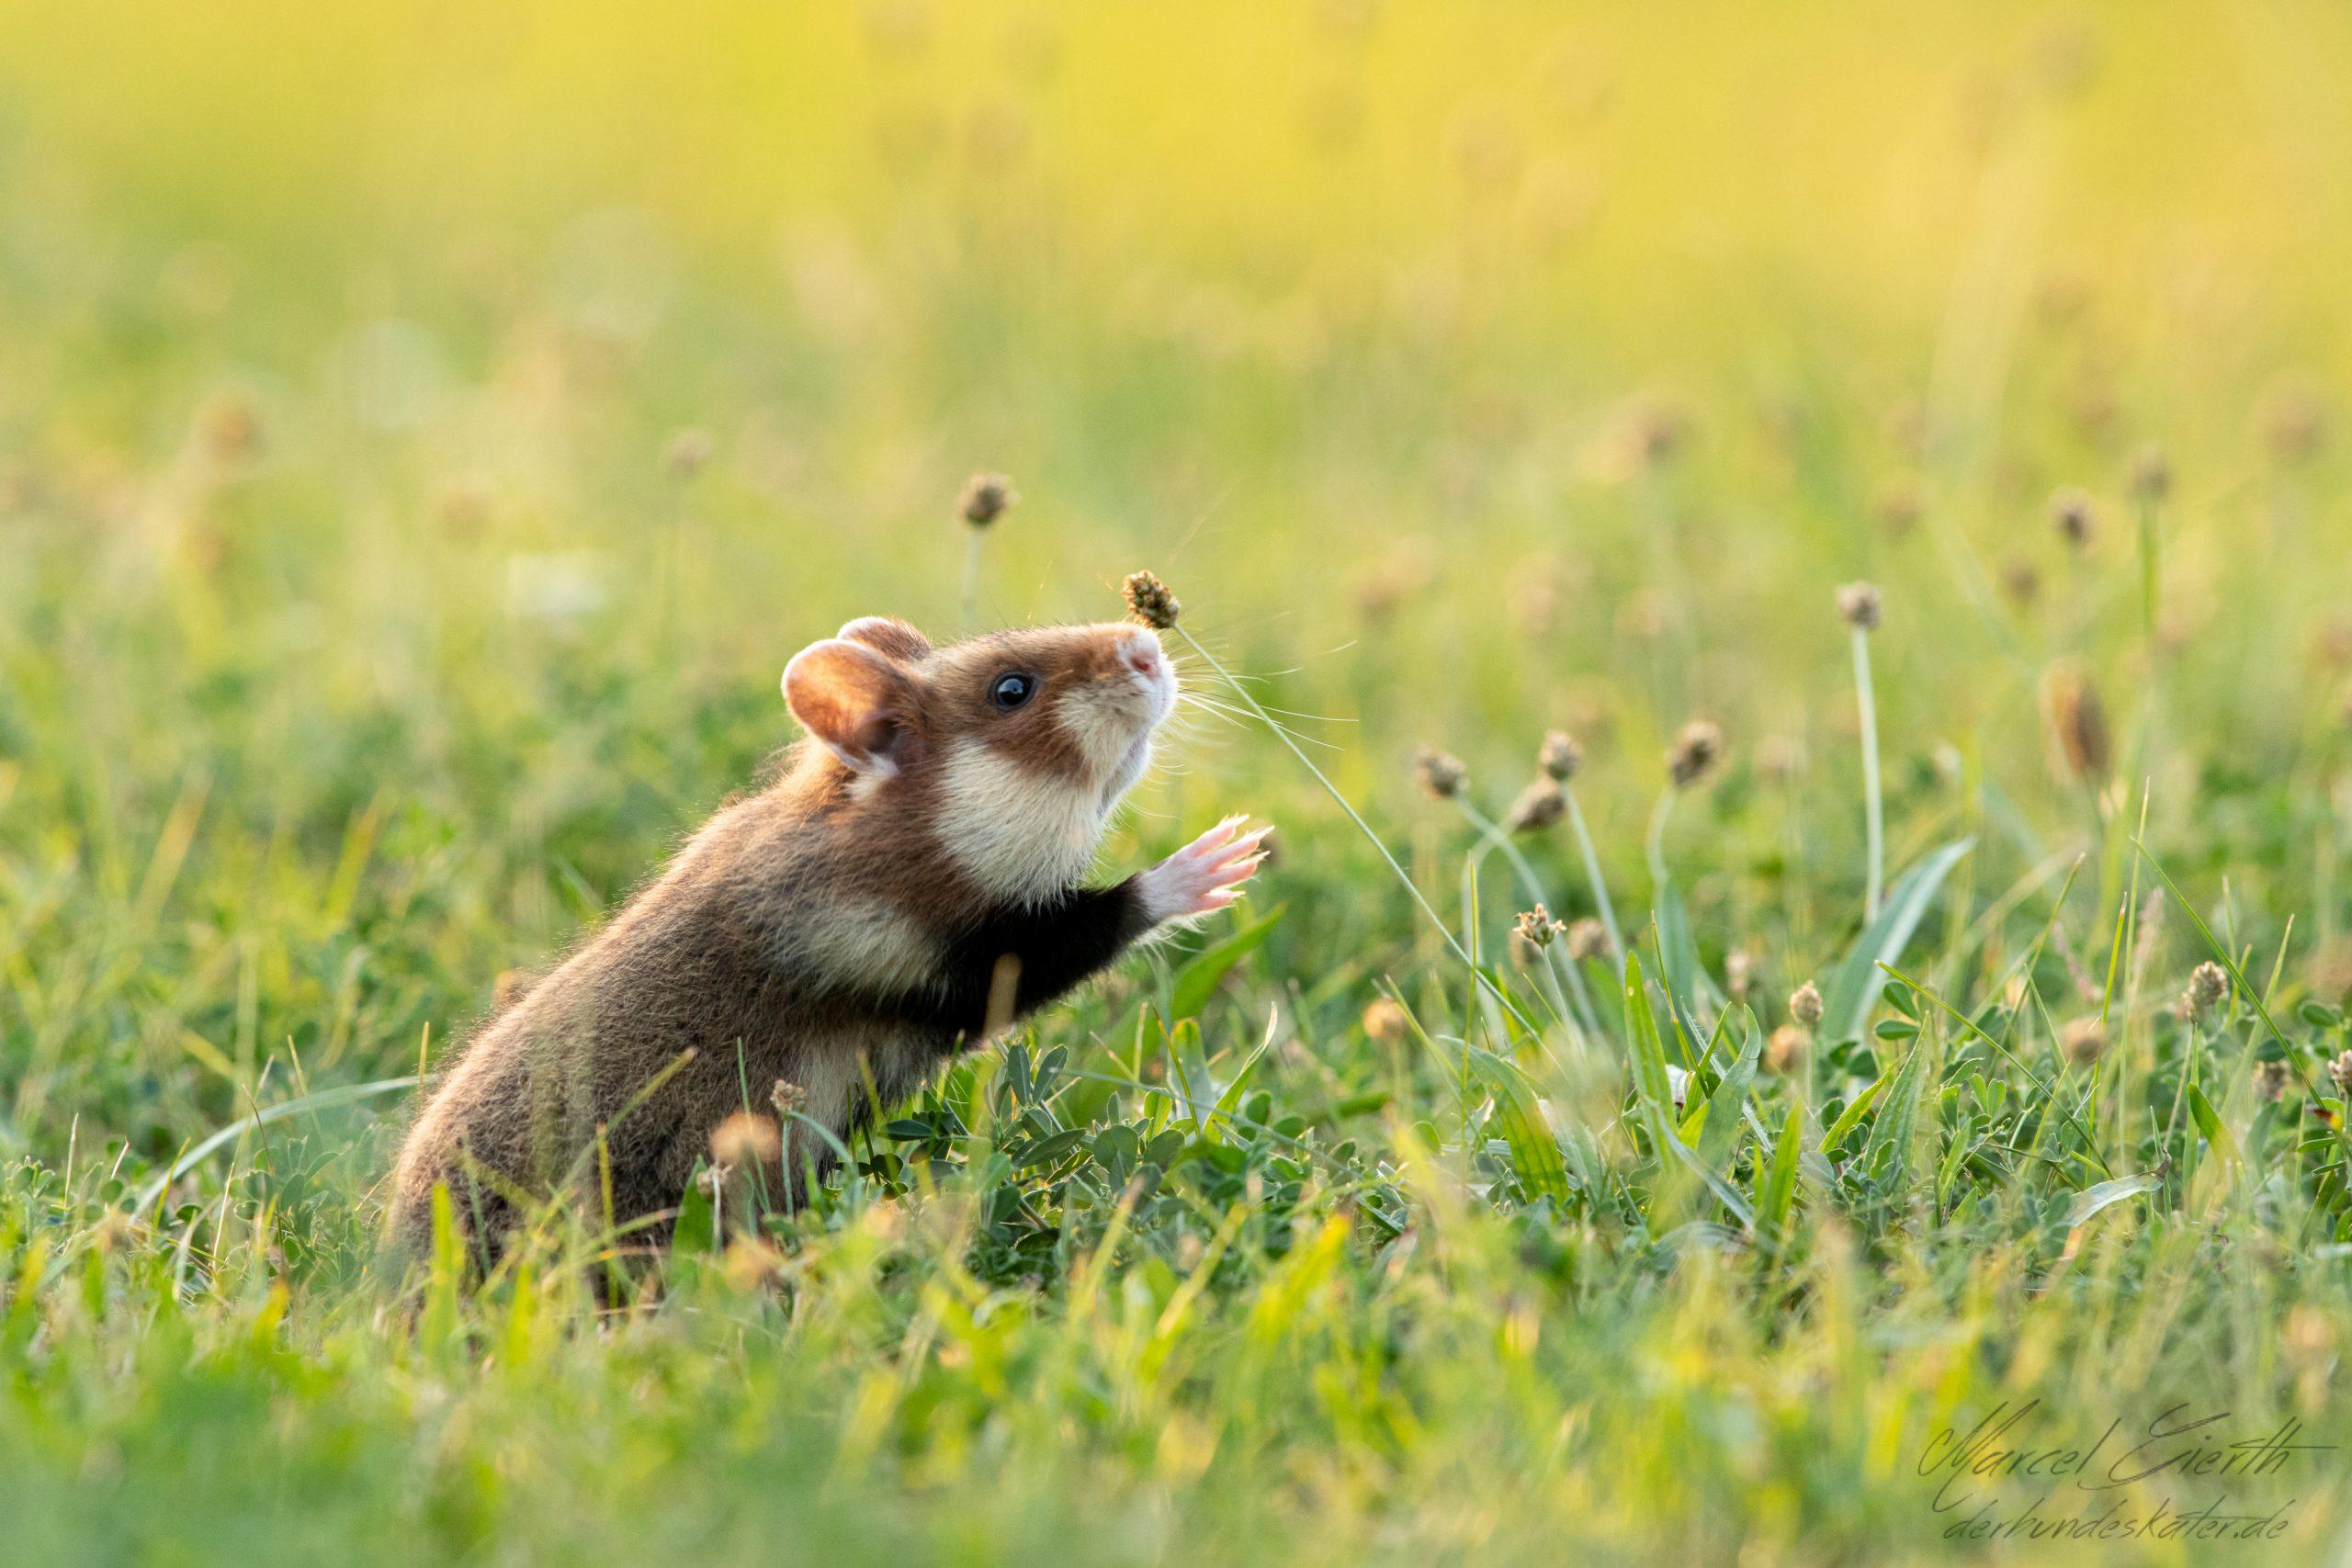 Schnuppernder Hamster  - Fotograf Marcel Gierth